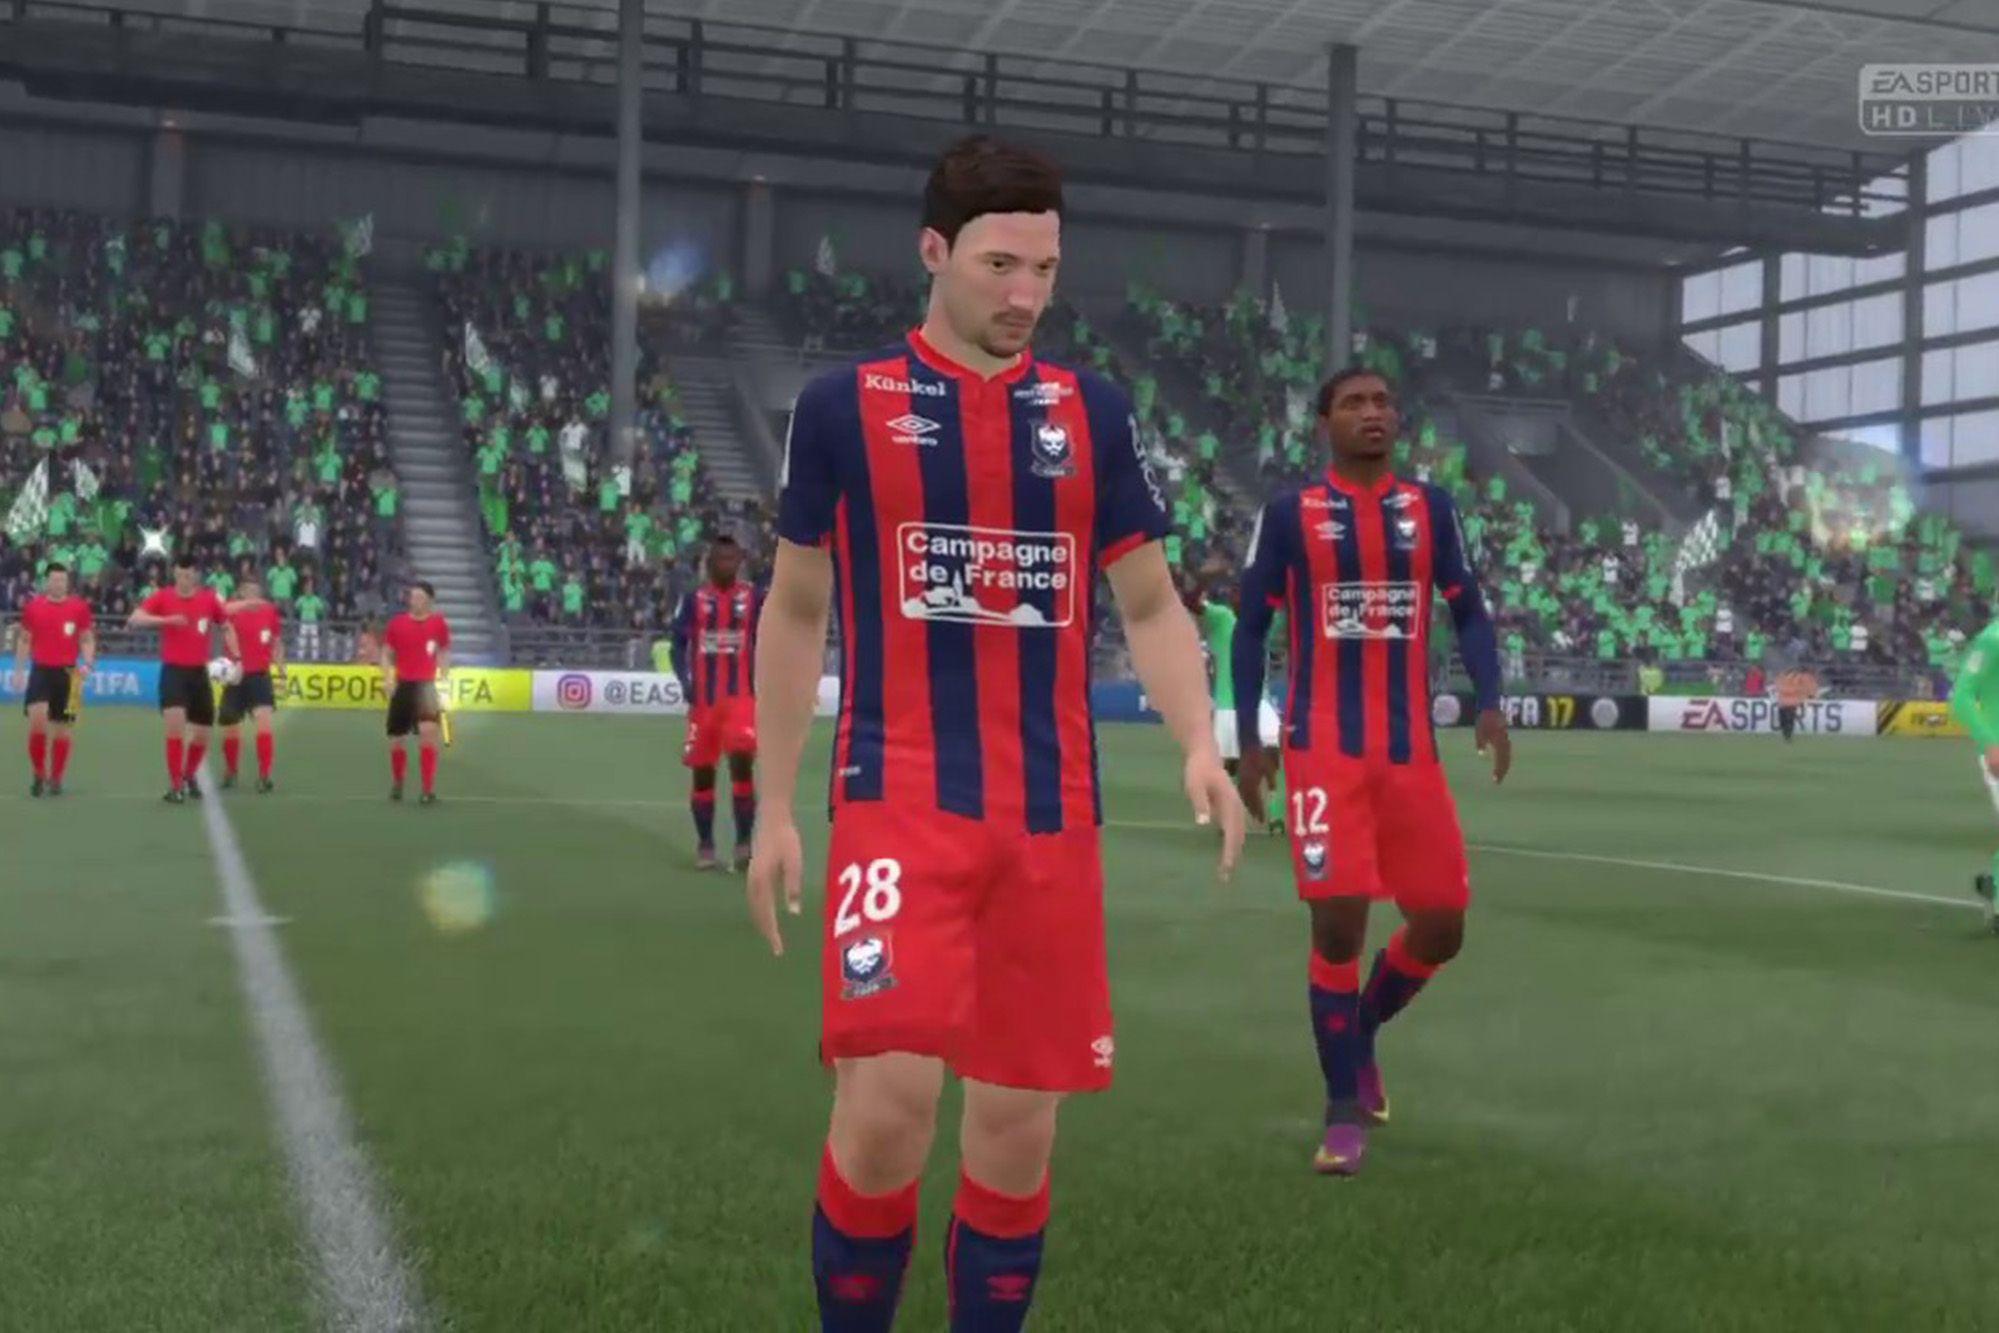 Les notes des joueurs caennais sur FIFA 21